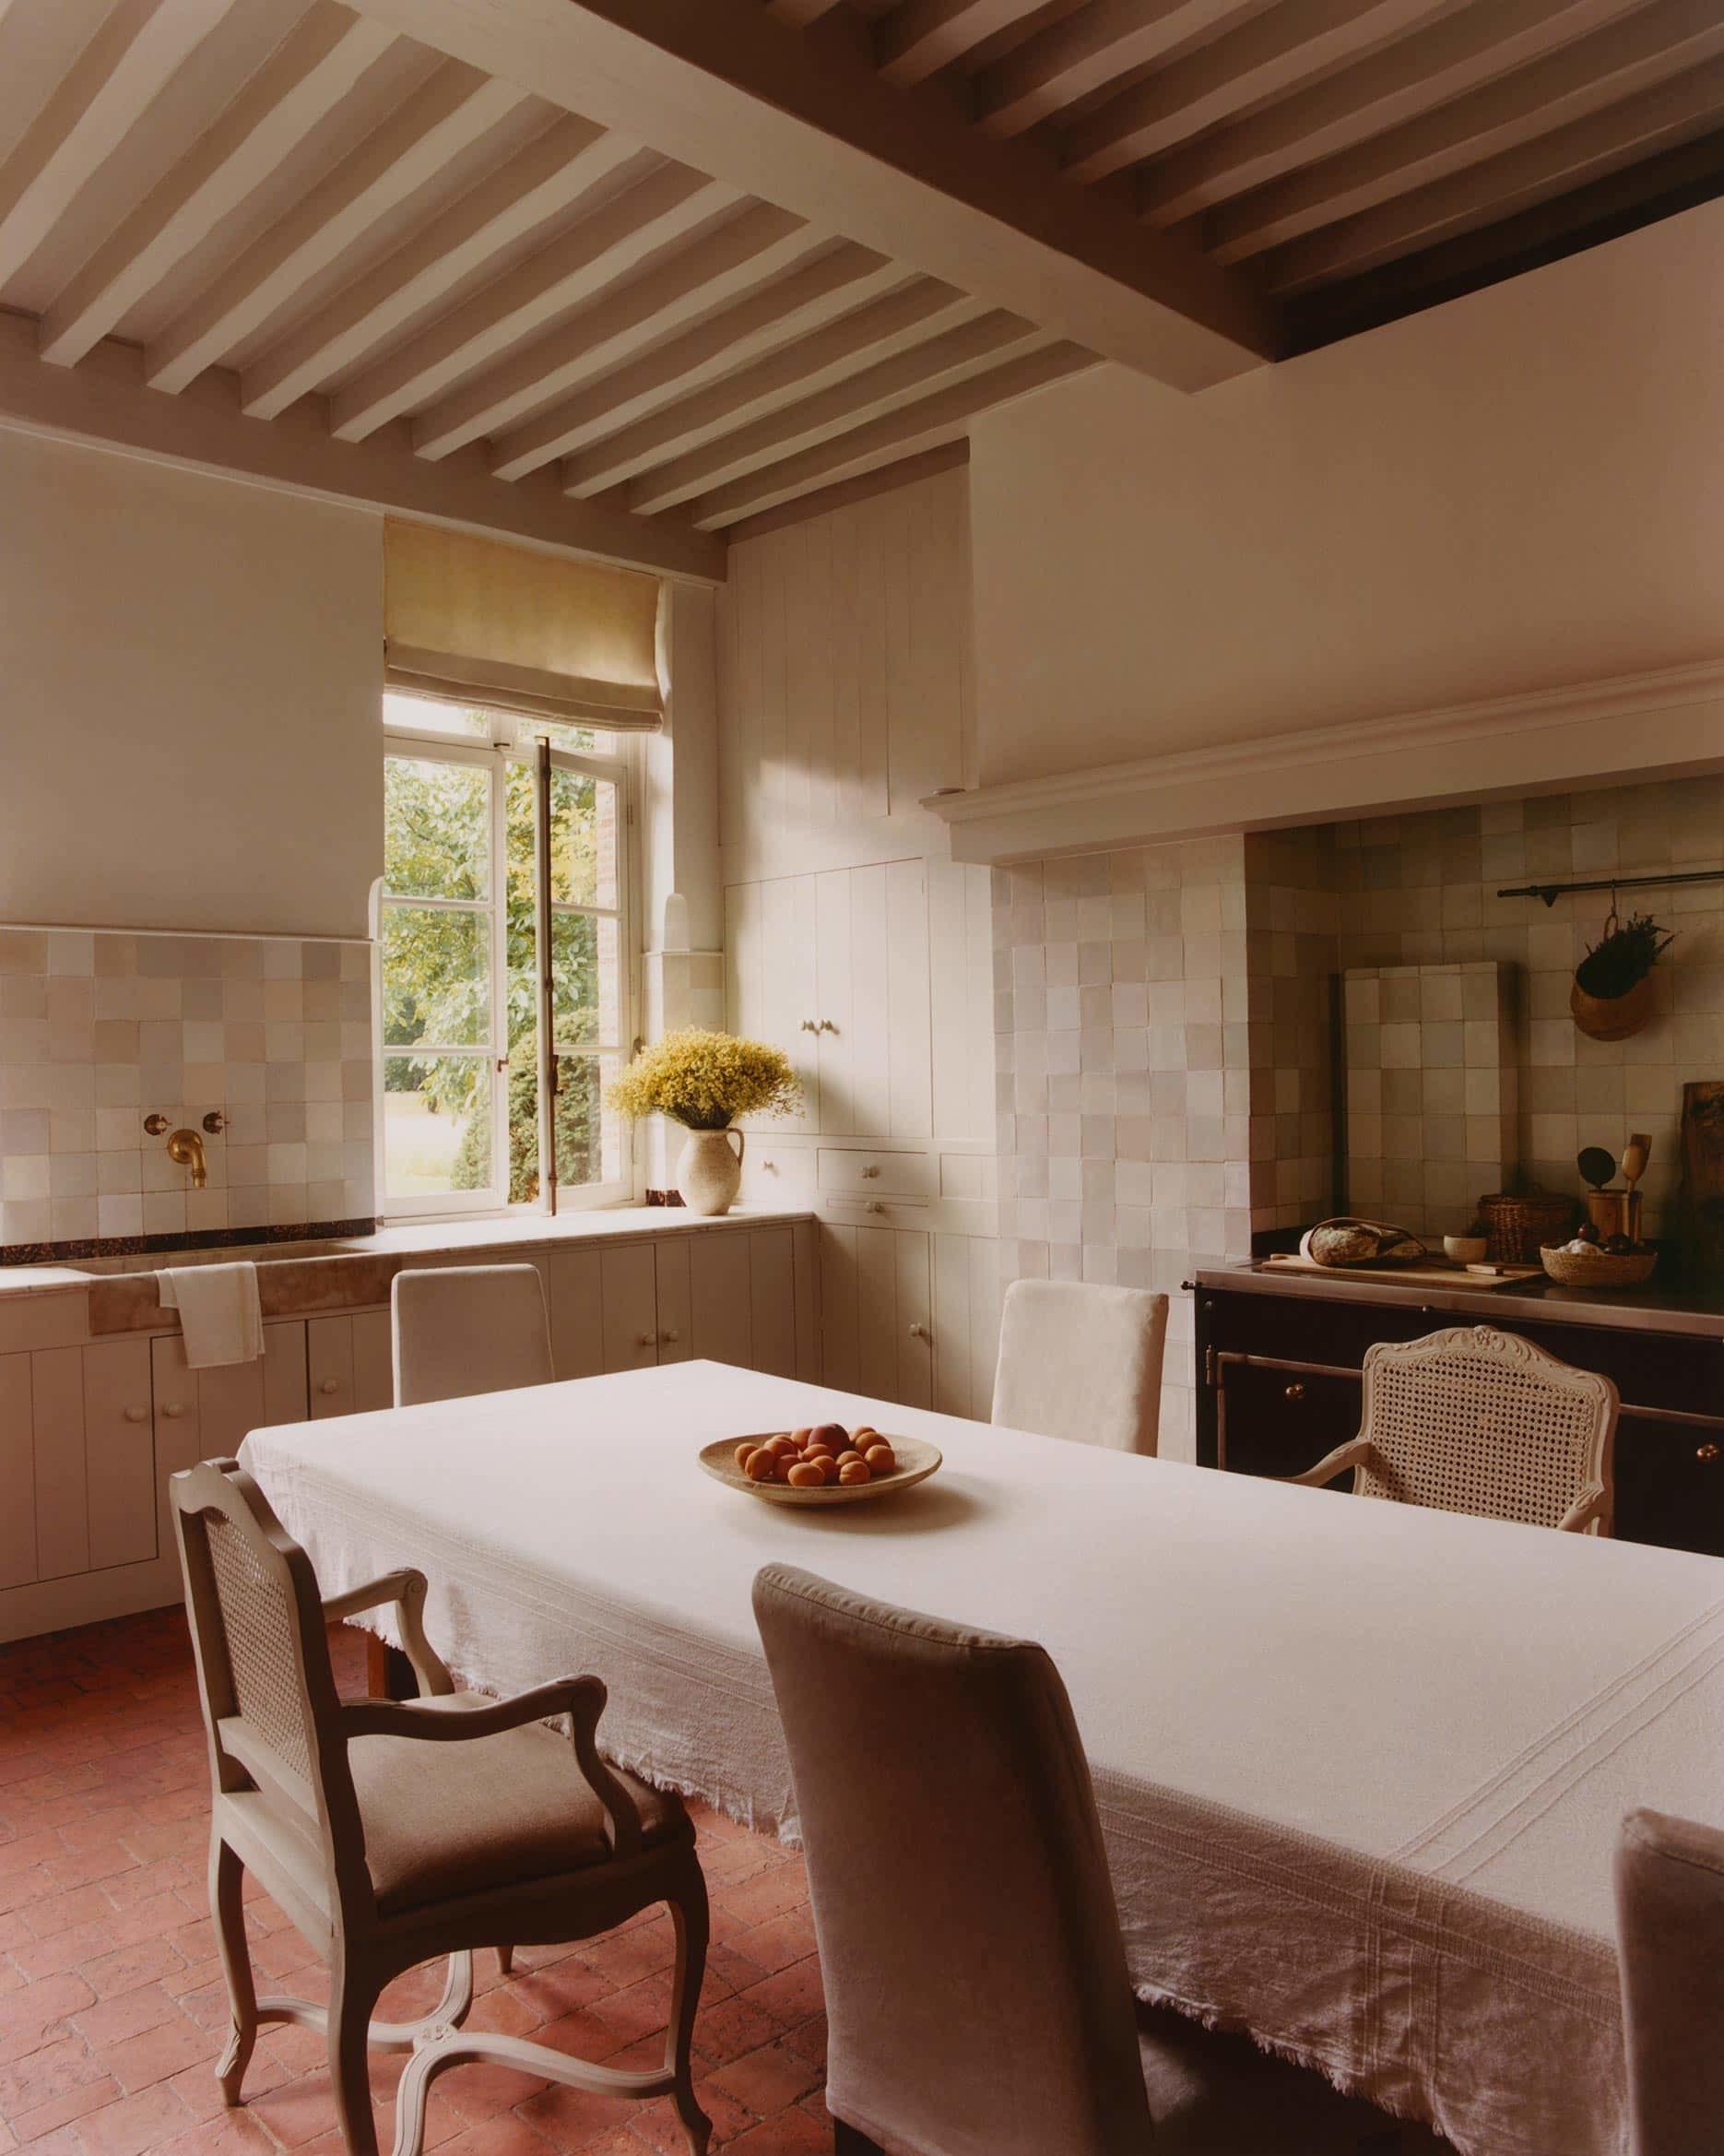 Una cocina llena de luz donde estar es un placer. Pocas cosas, a la vista y bien ordenadas.